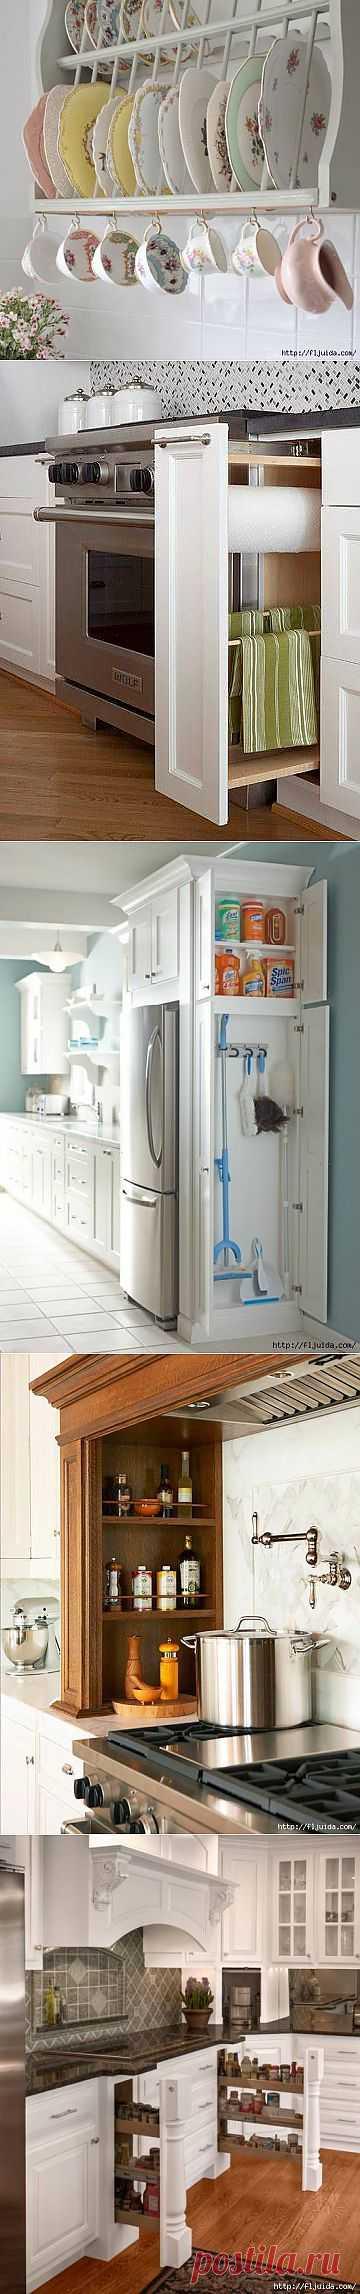 Удобное хранение на кухне. Много идей. | Наш уютный дом